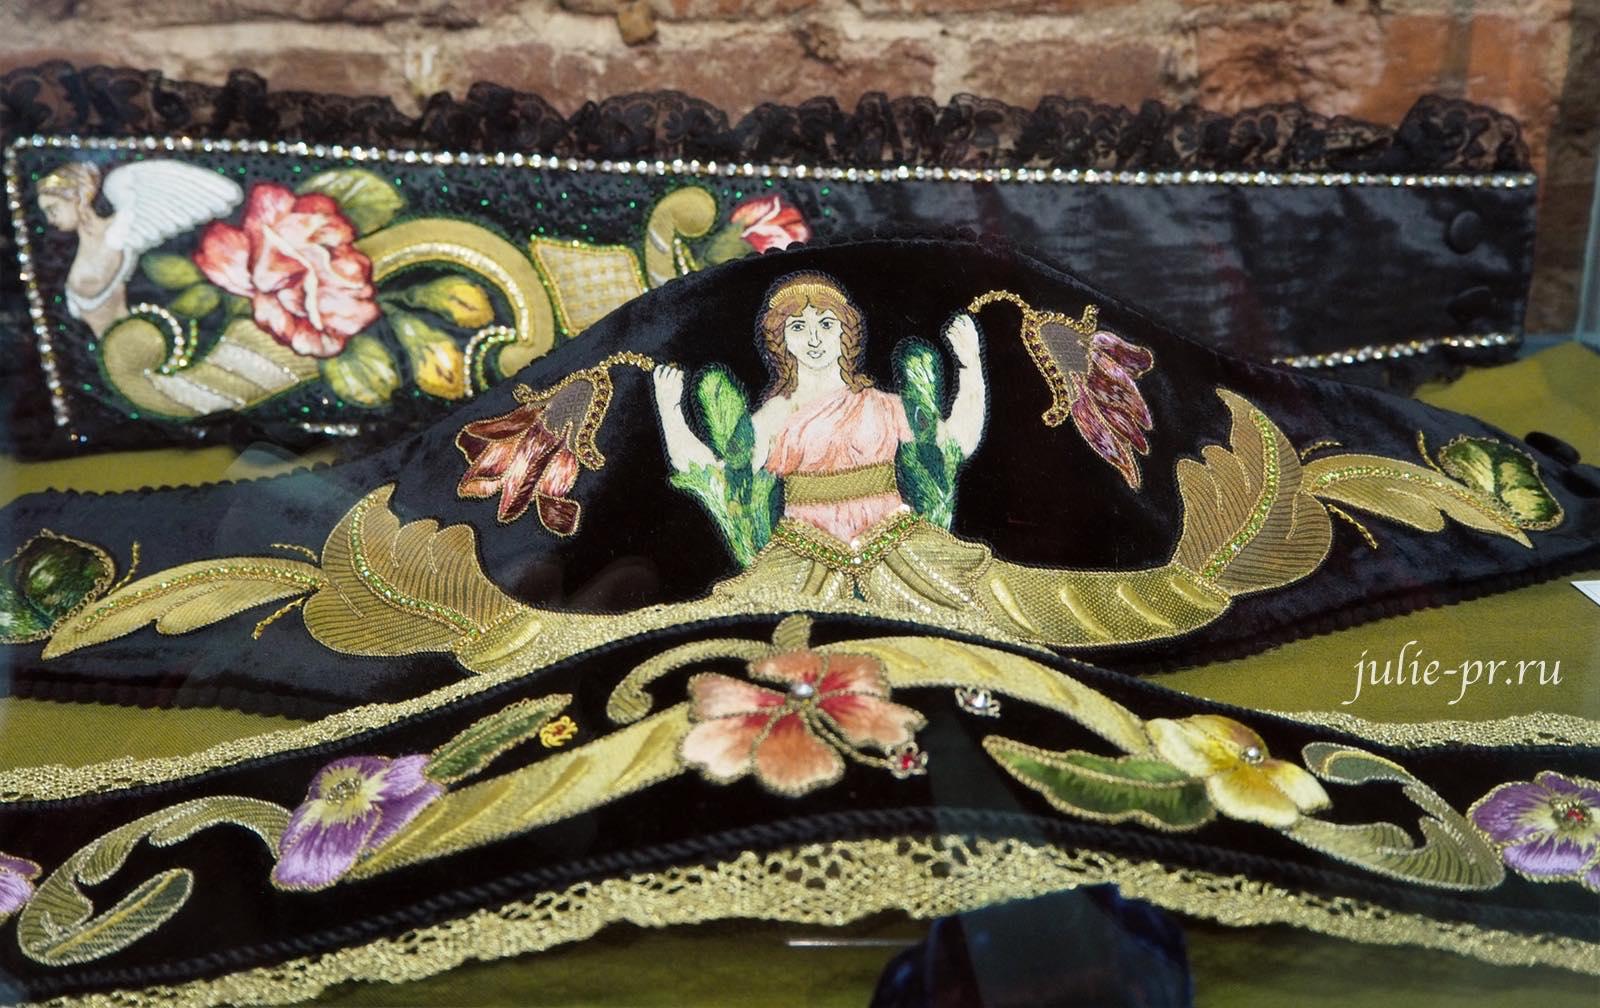 Выставка Цветная матрица мечты, Музей Русский Левша, золотная вышивка, золотное шитье, Санкт-Петербург